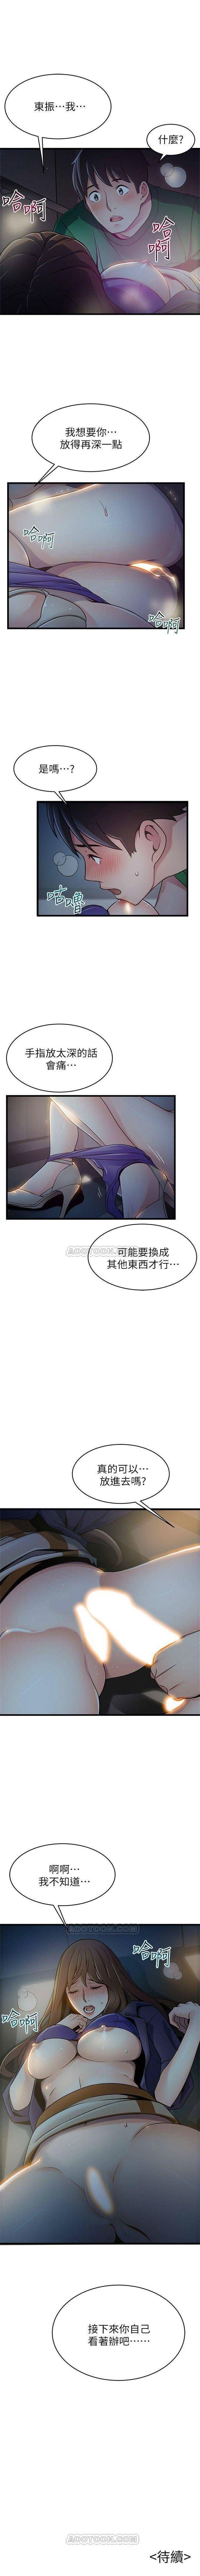 (週7)弱點 1-76 中文翻譯(更新中) 387